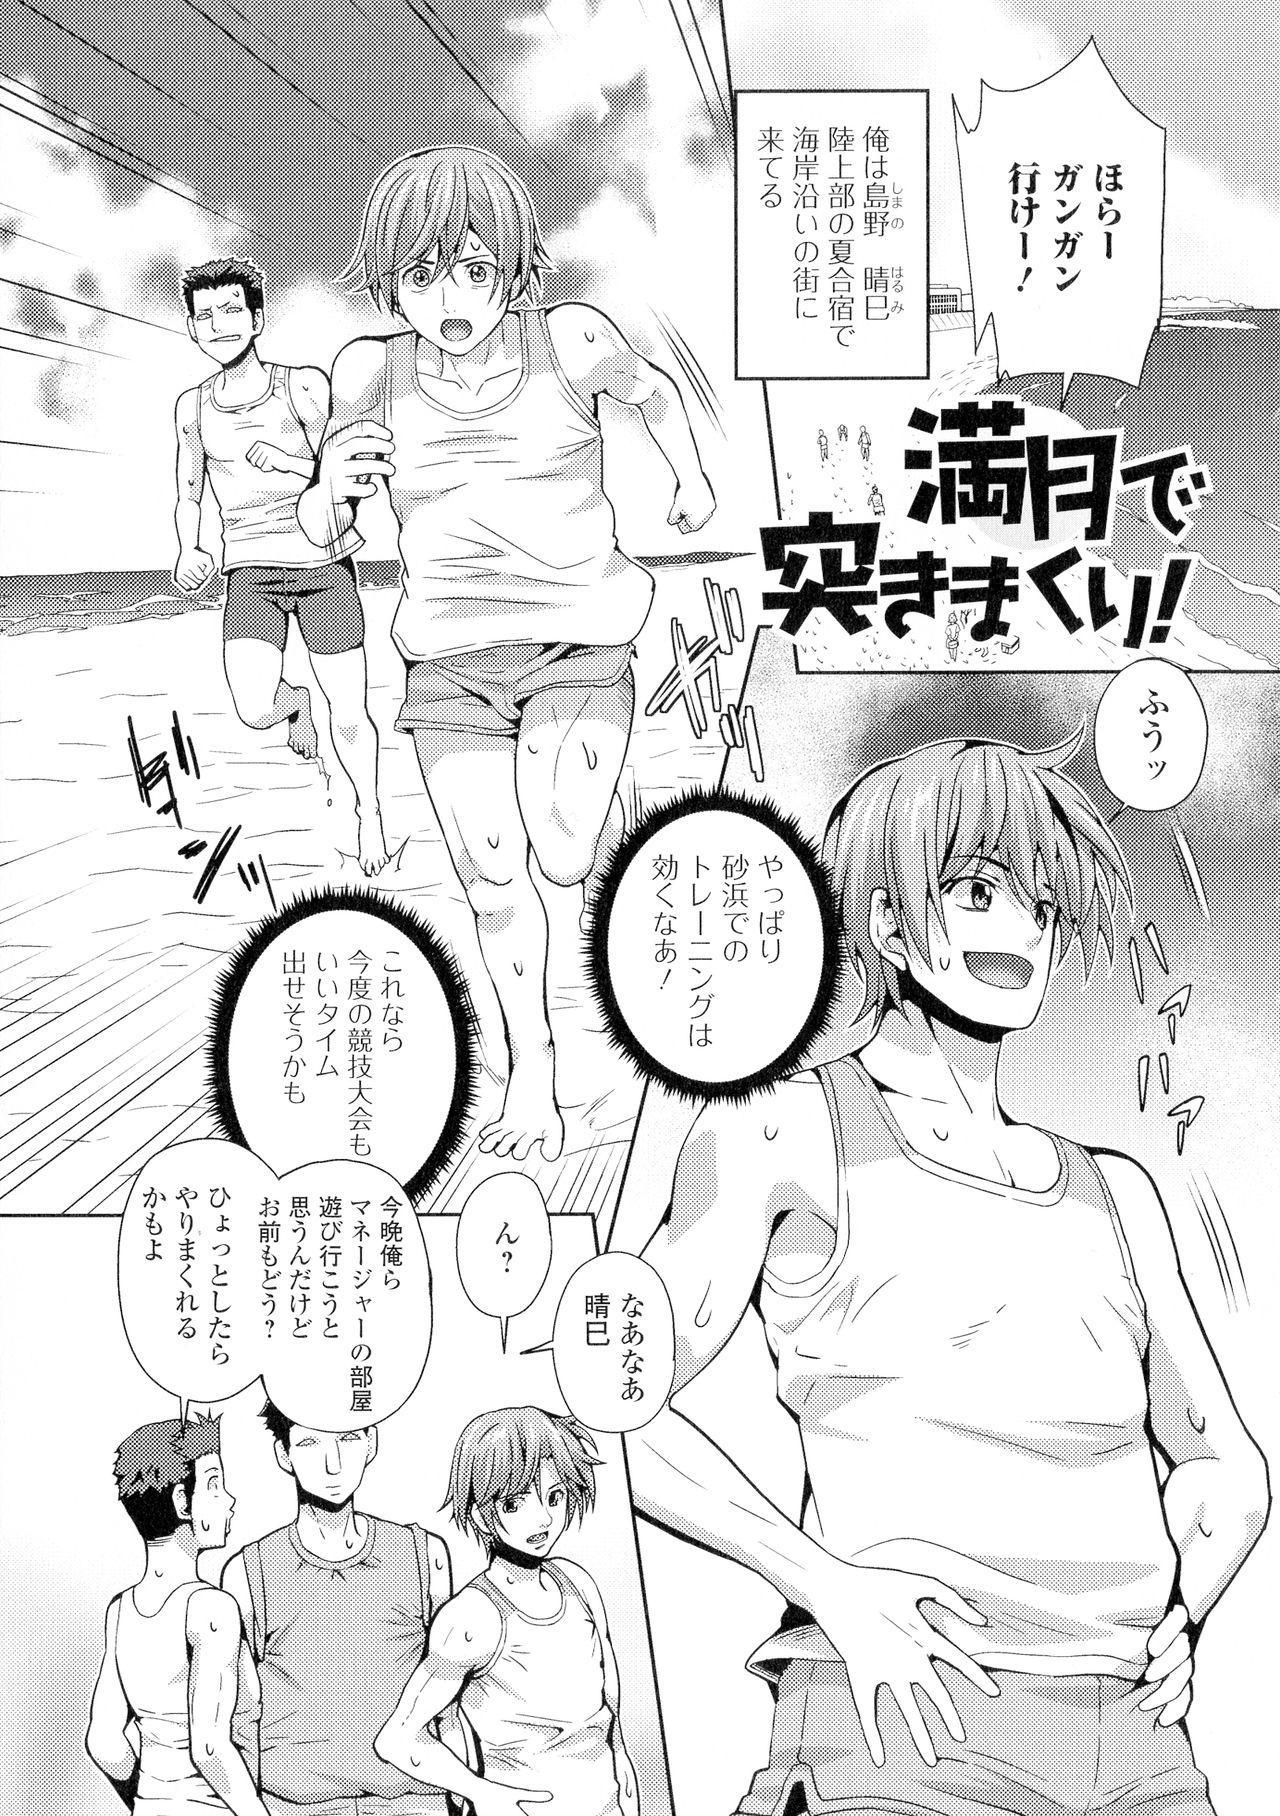 Futanari Tsunagari - Androgynos Sexual intercourse 129